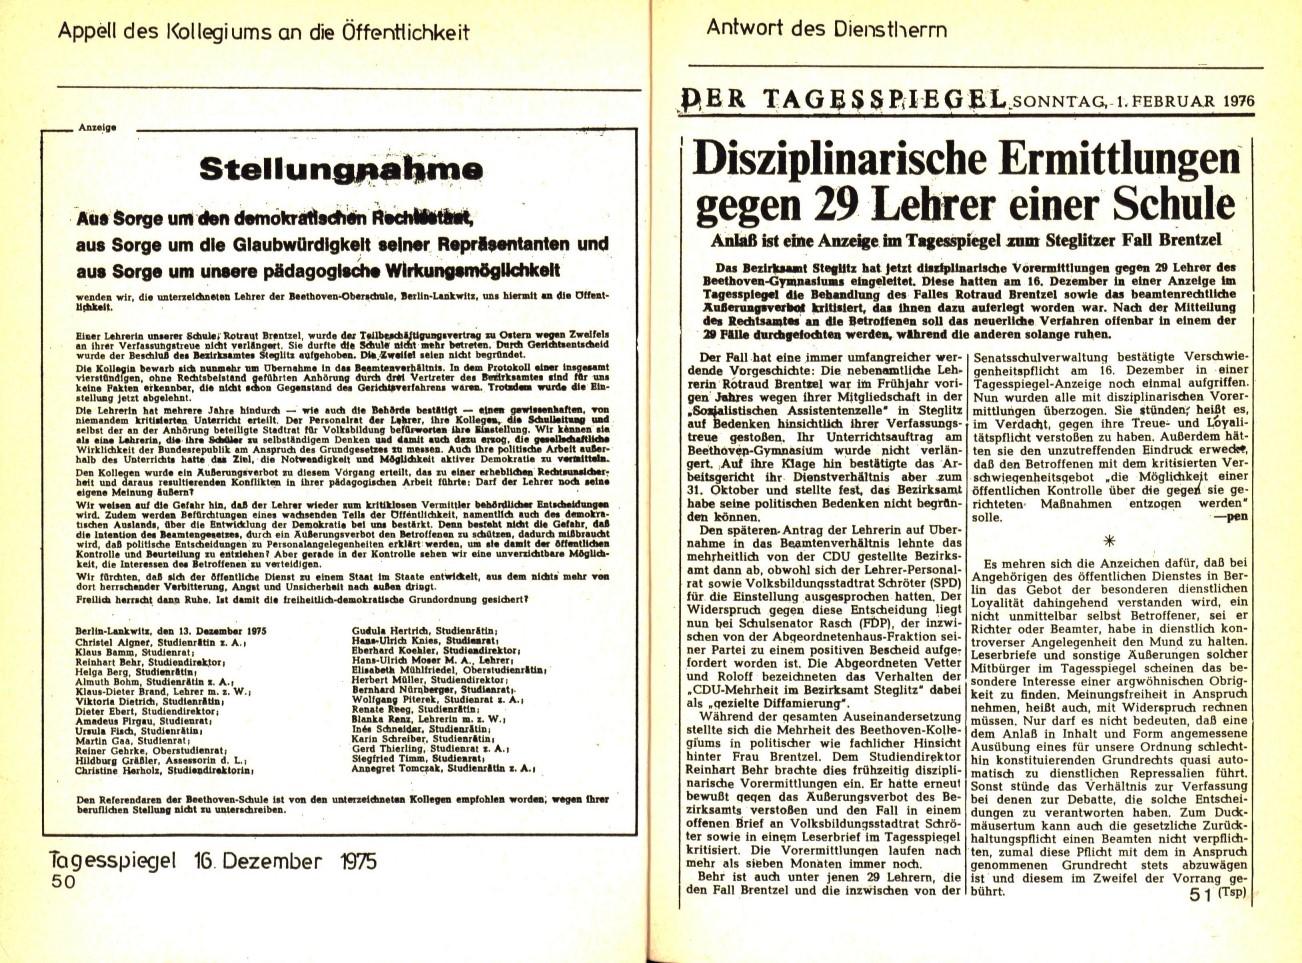 Berlin_VDS_Aktionskomitee_1976_BerufsverboteIII_27